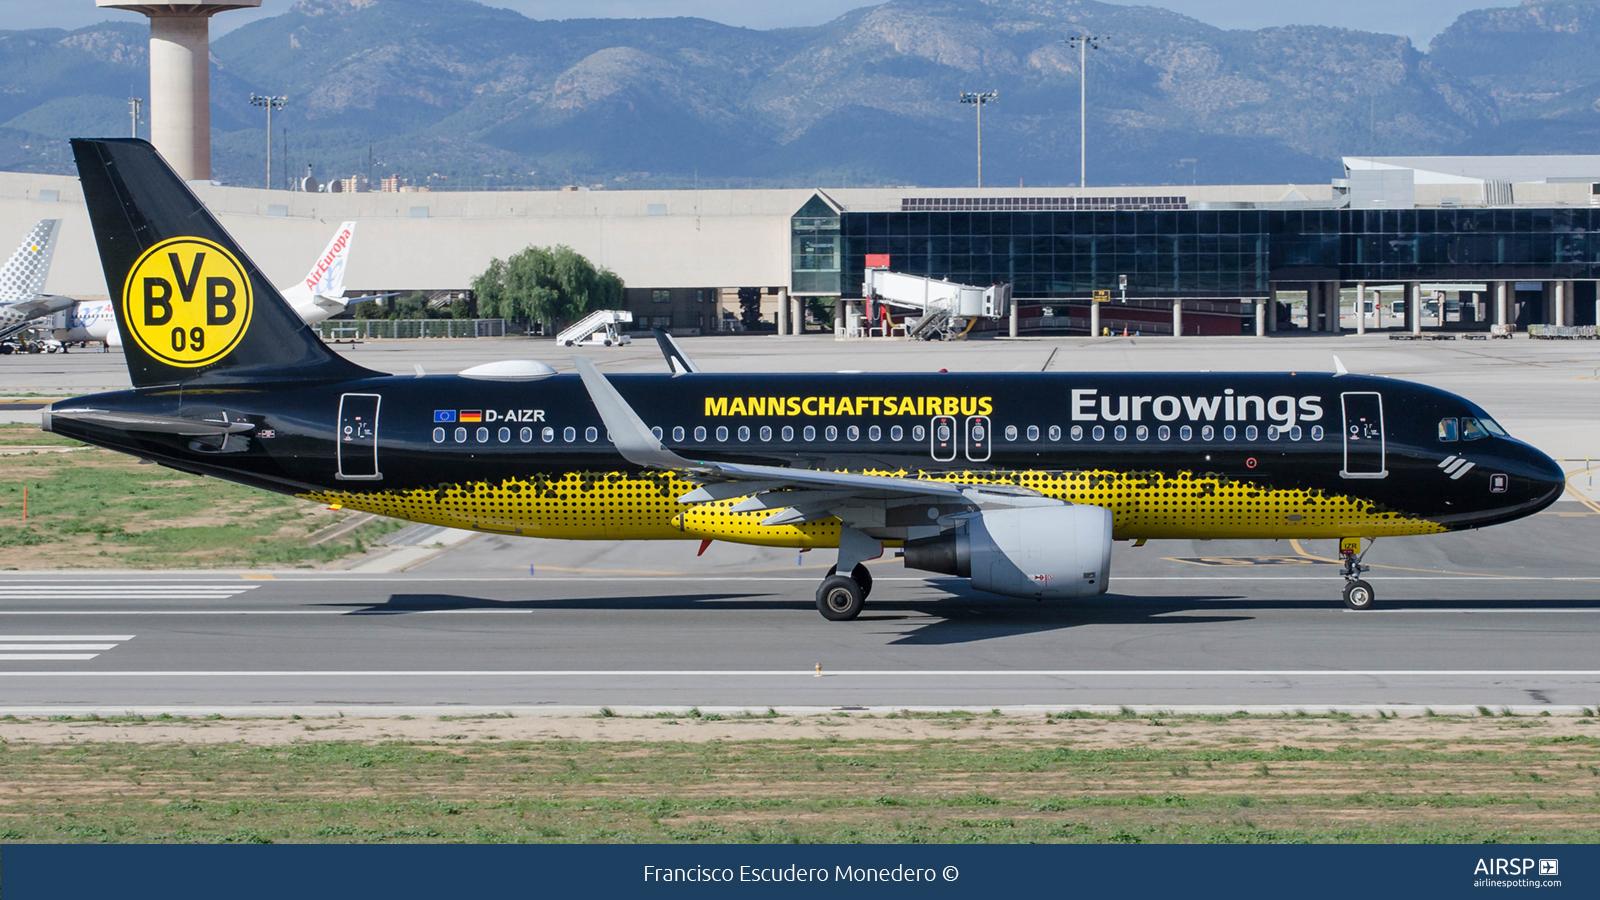 EurowingsAirbus A320D-AIZR